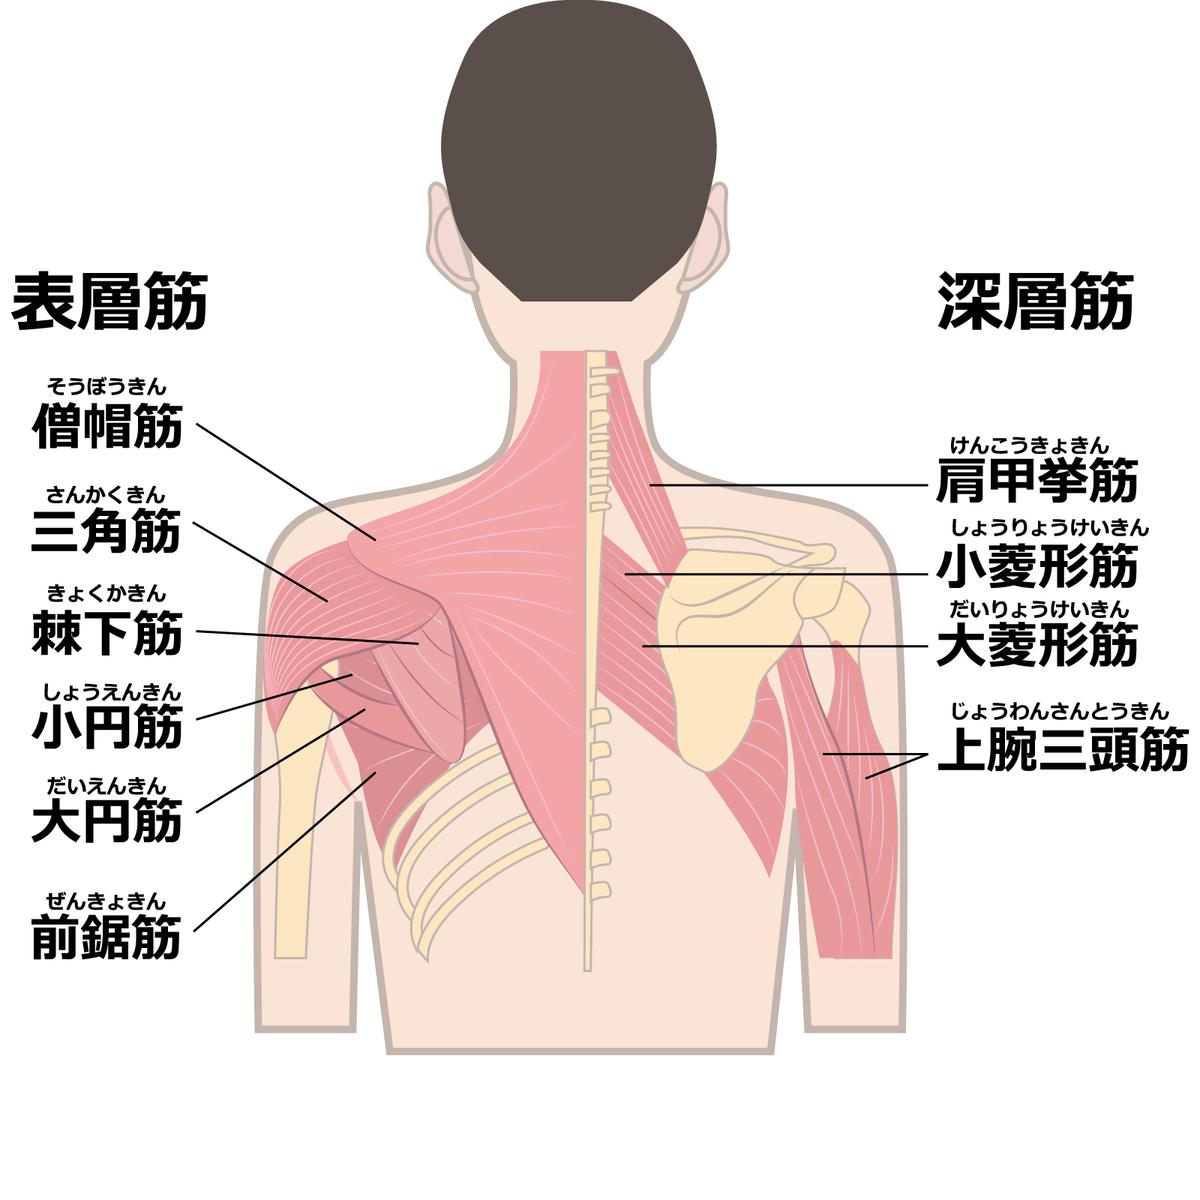 肩こりの原因を知るためには肩の造りを知ろう